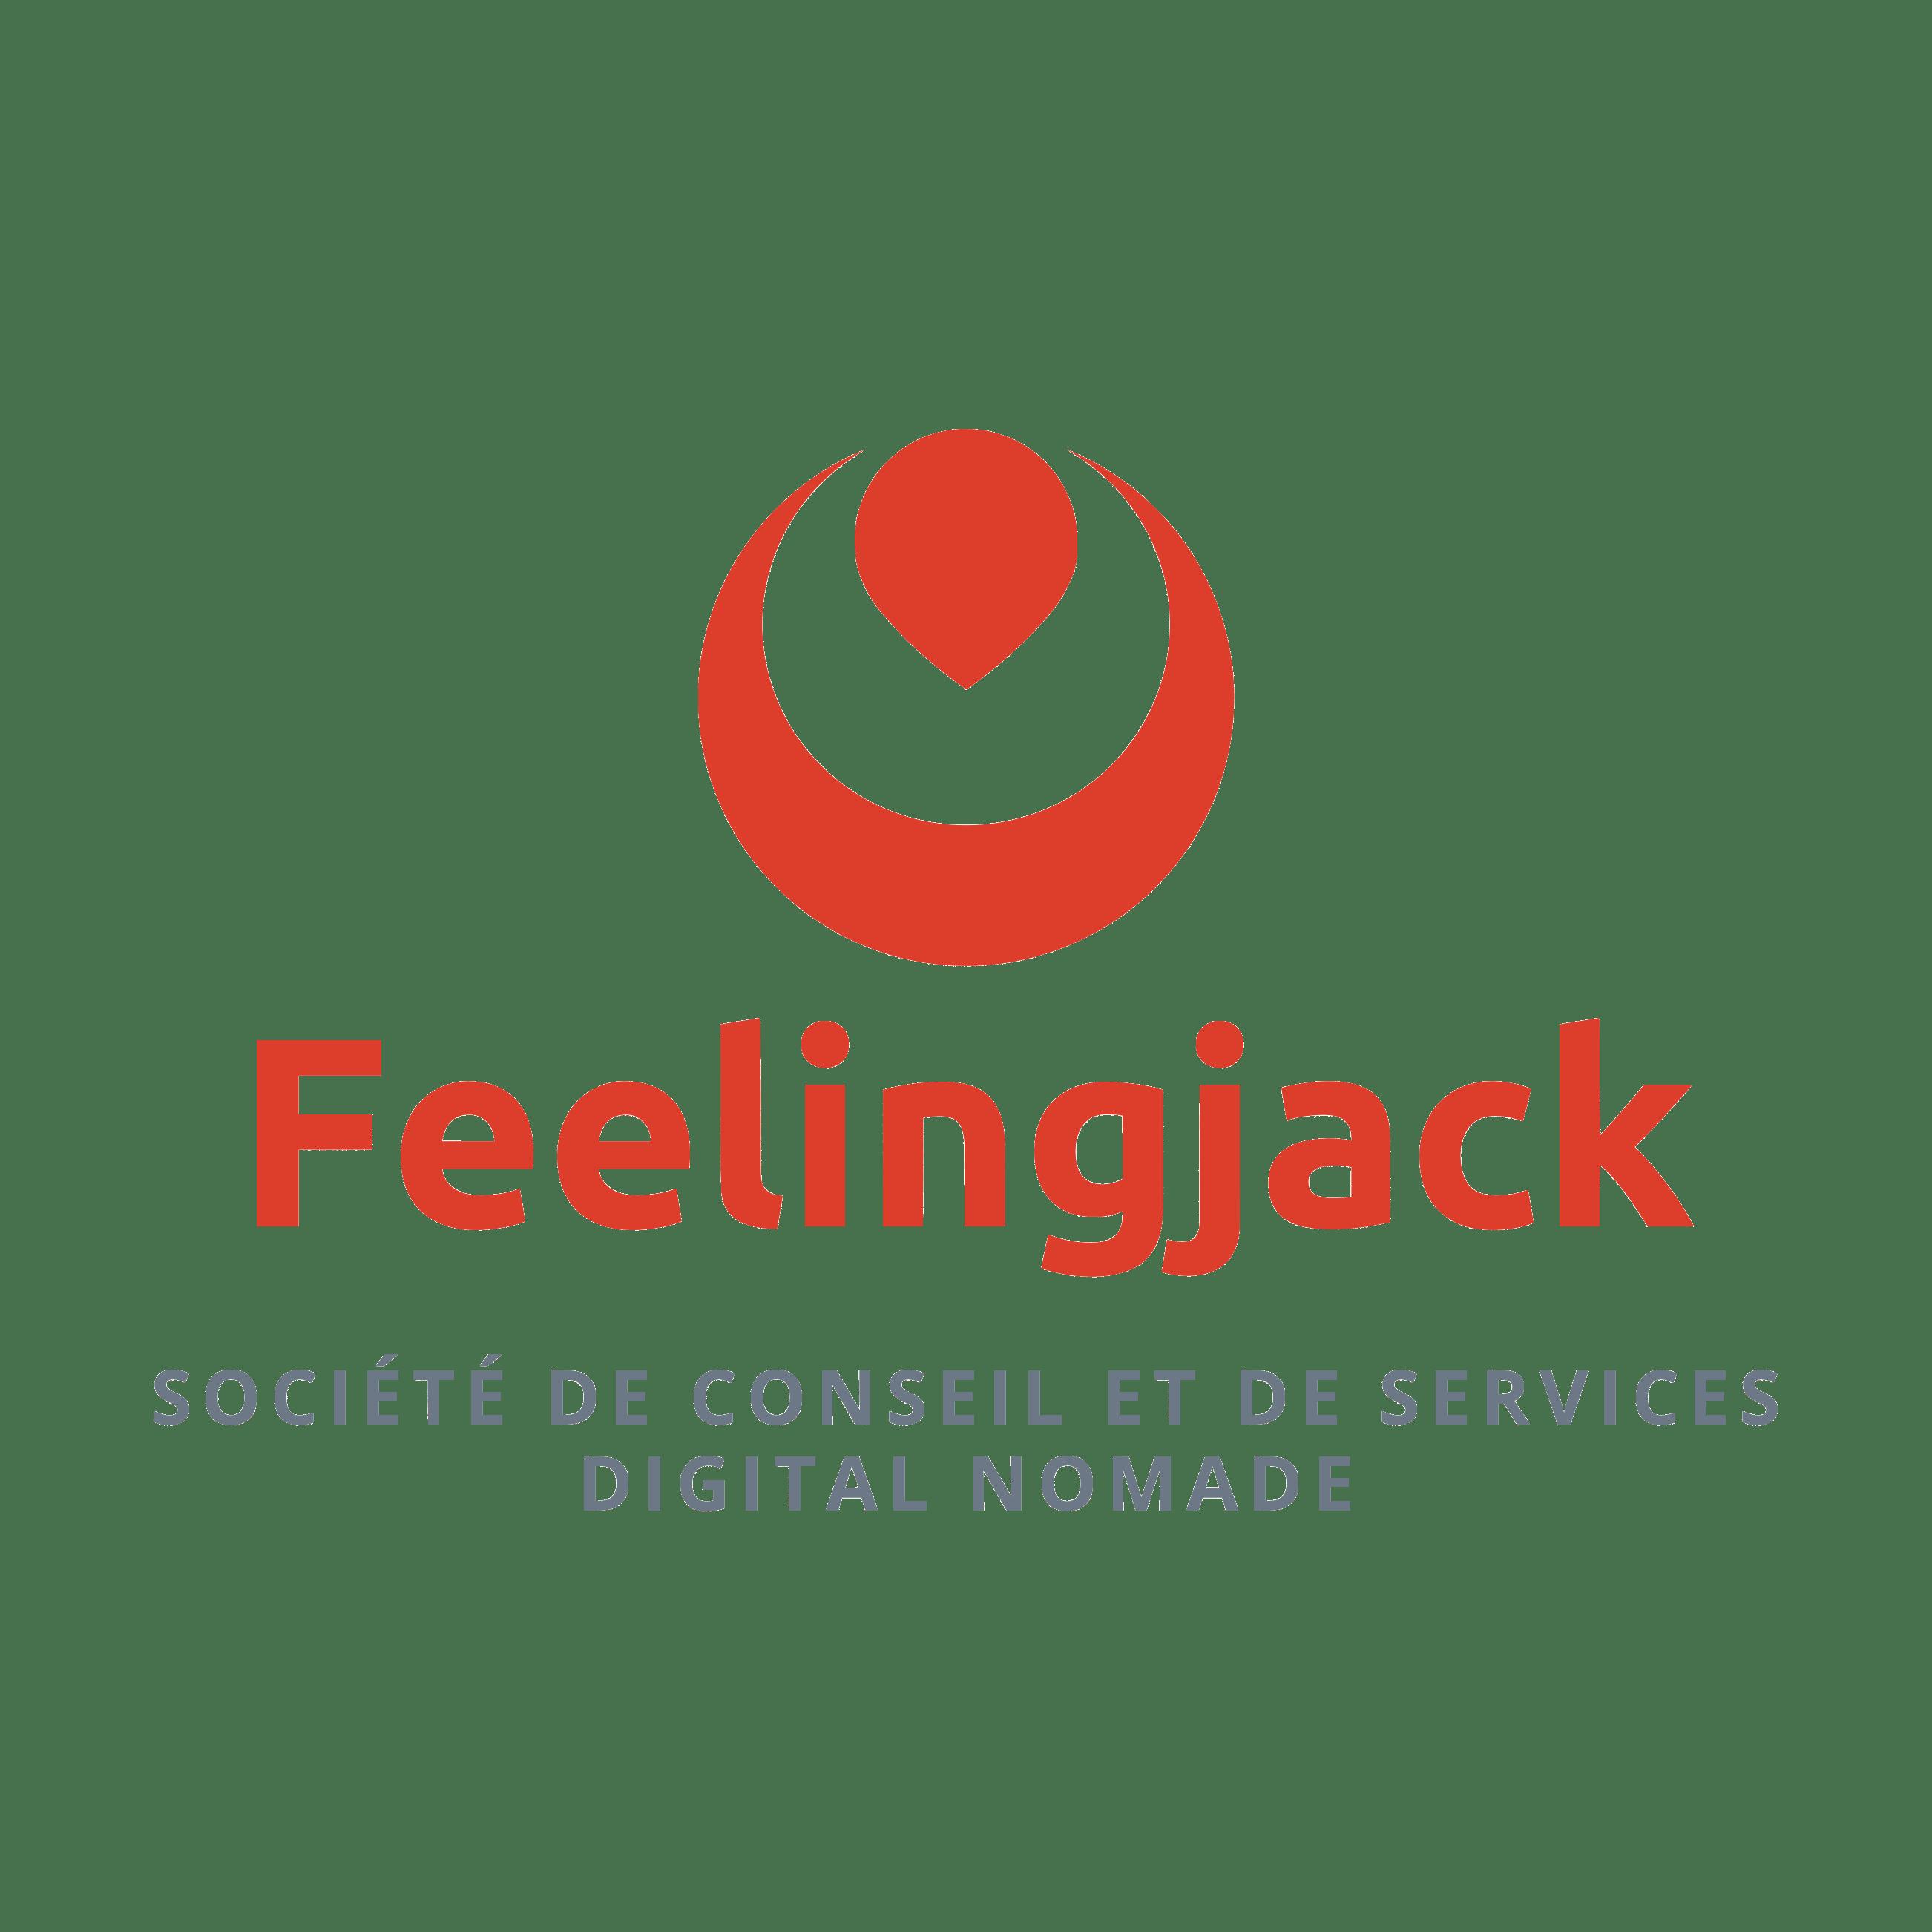 Feelingjack